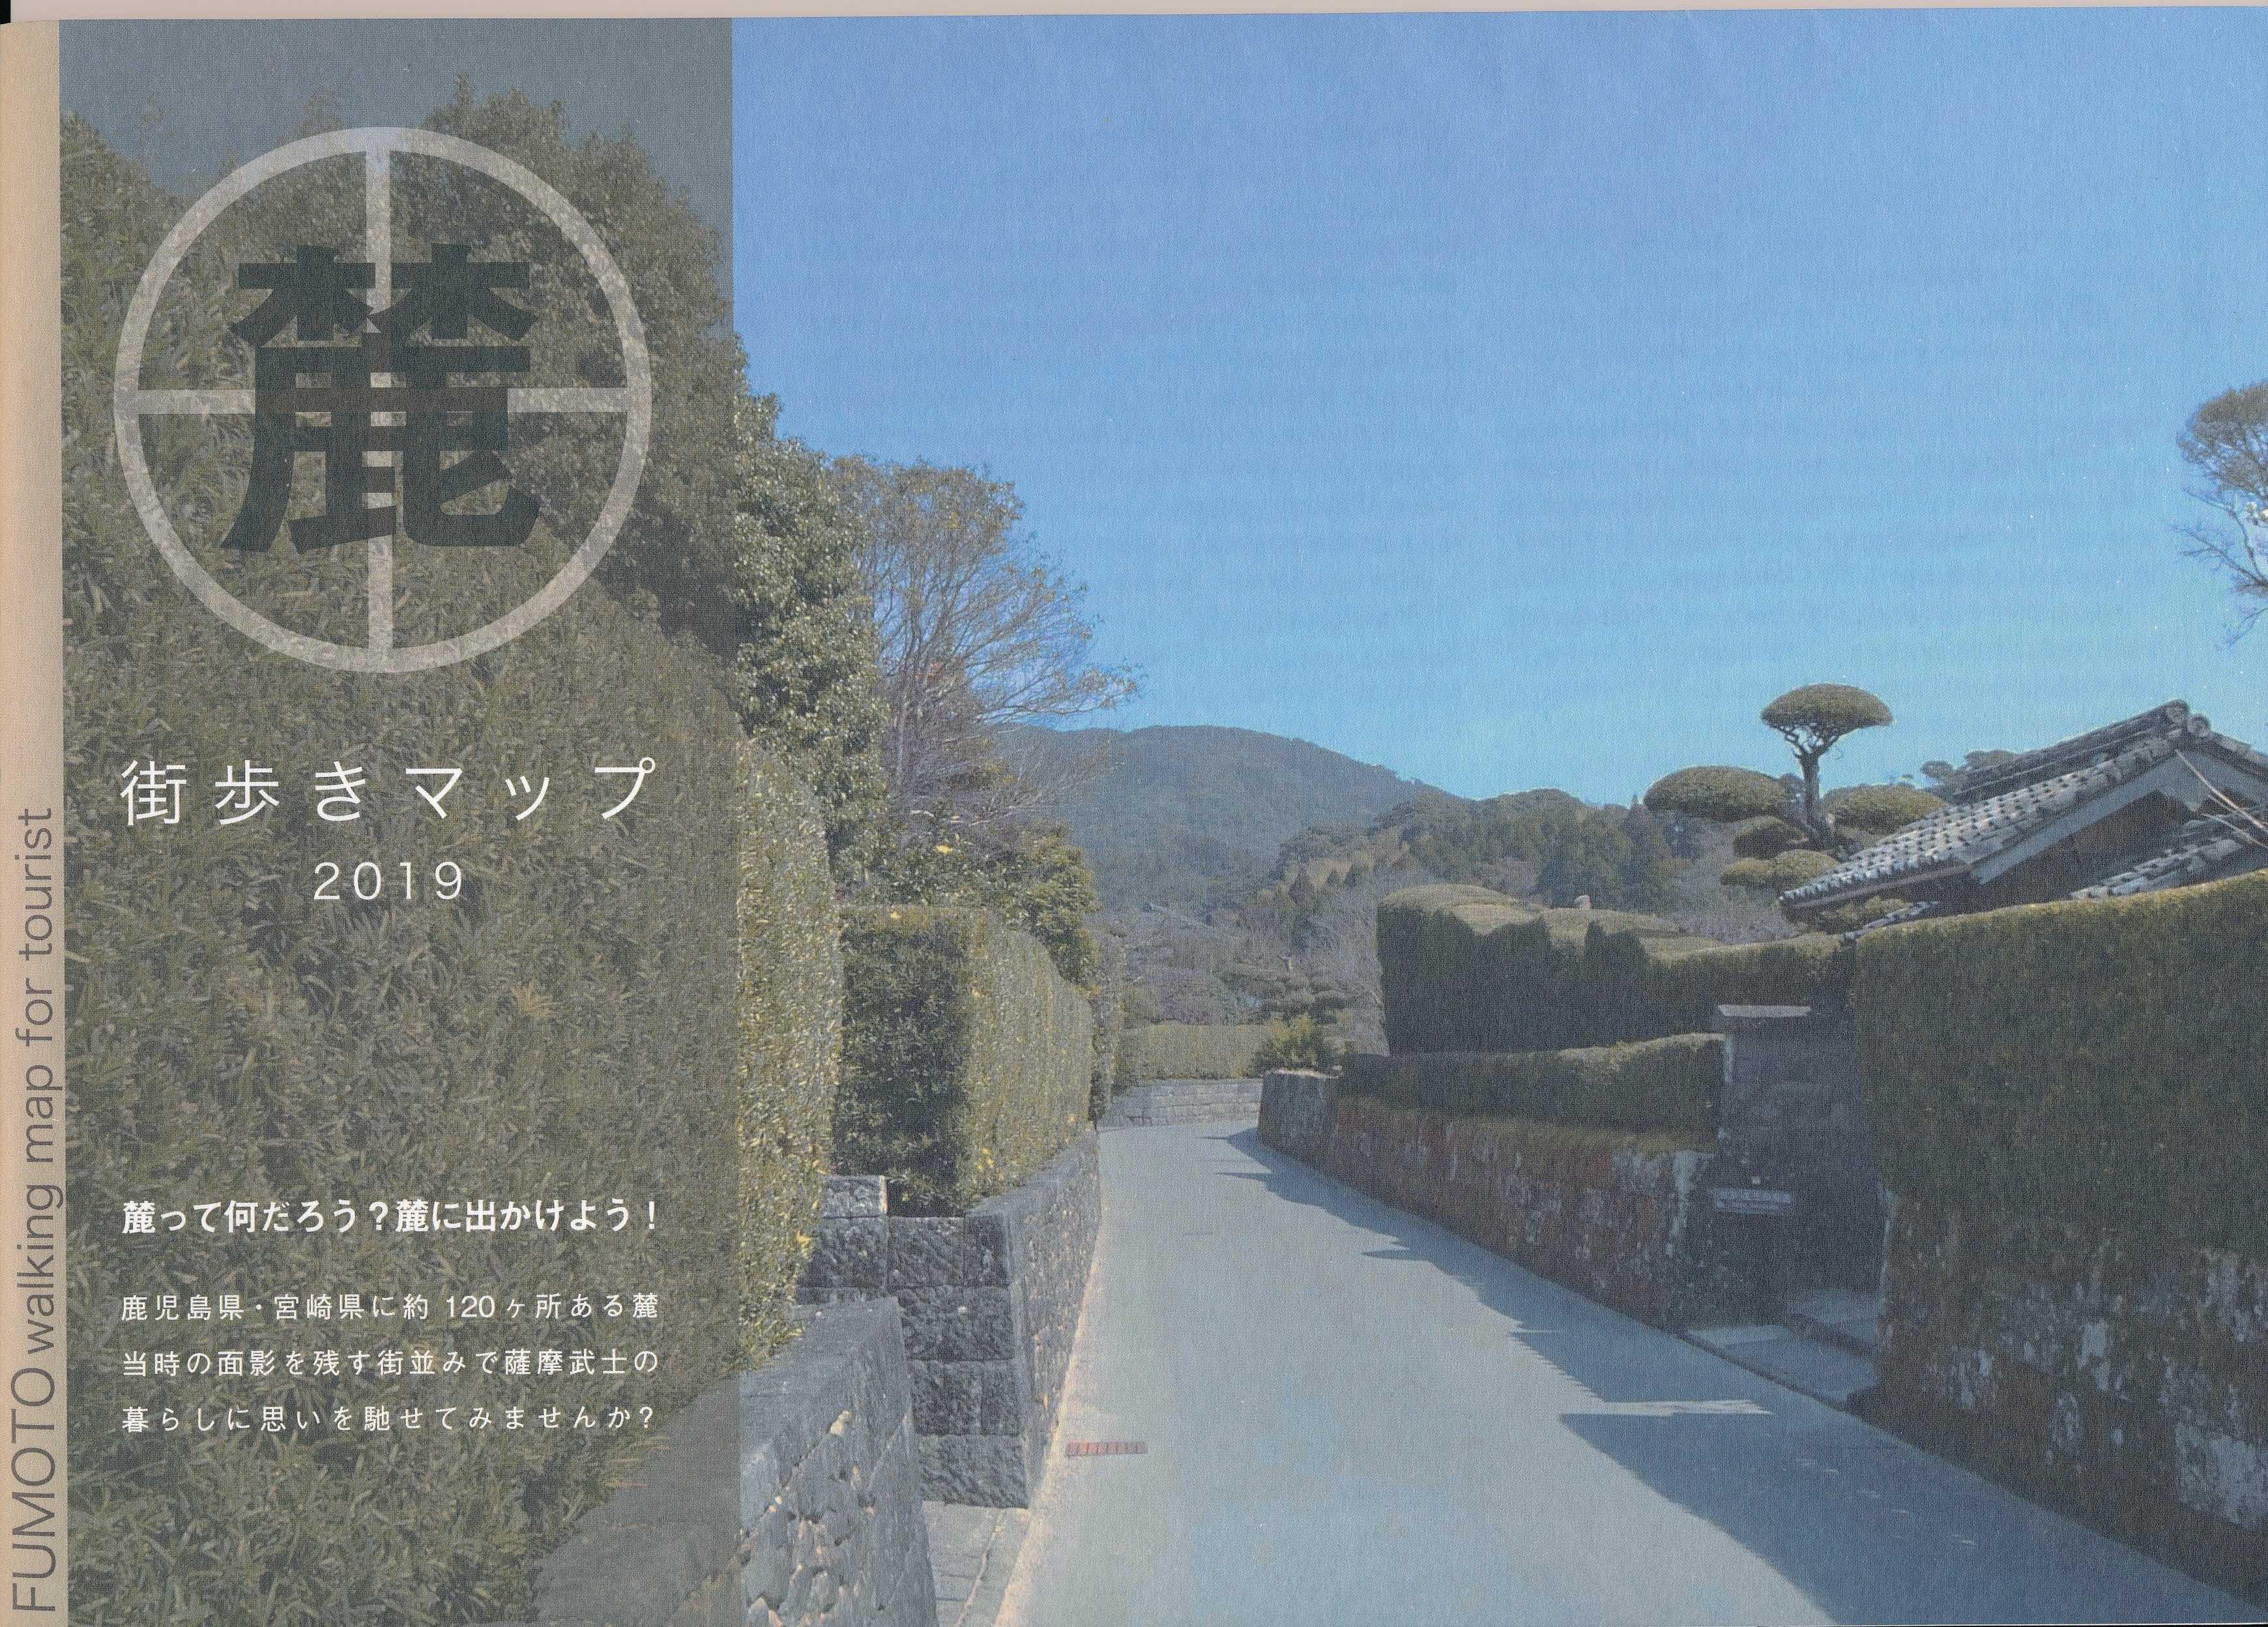 鯵坂研究室が「麓街歩きマップ」第2弾を制作しました。